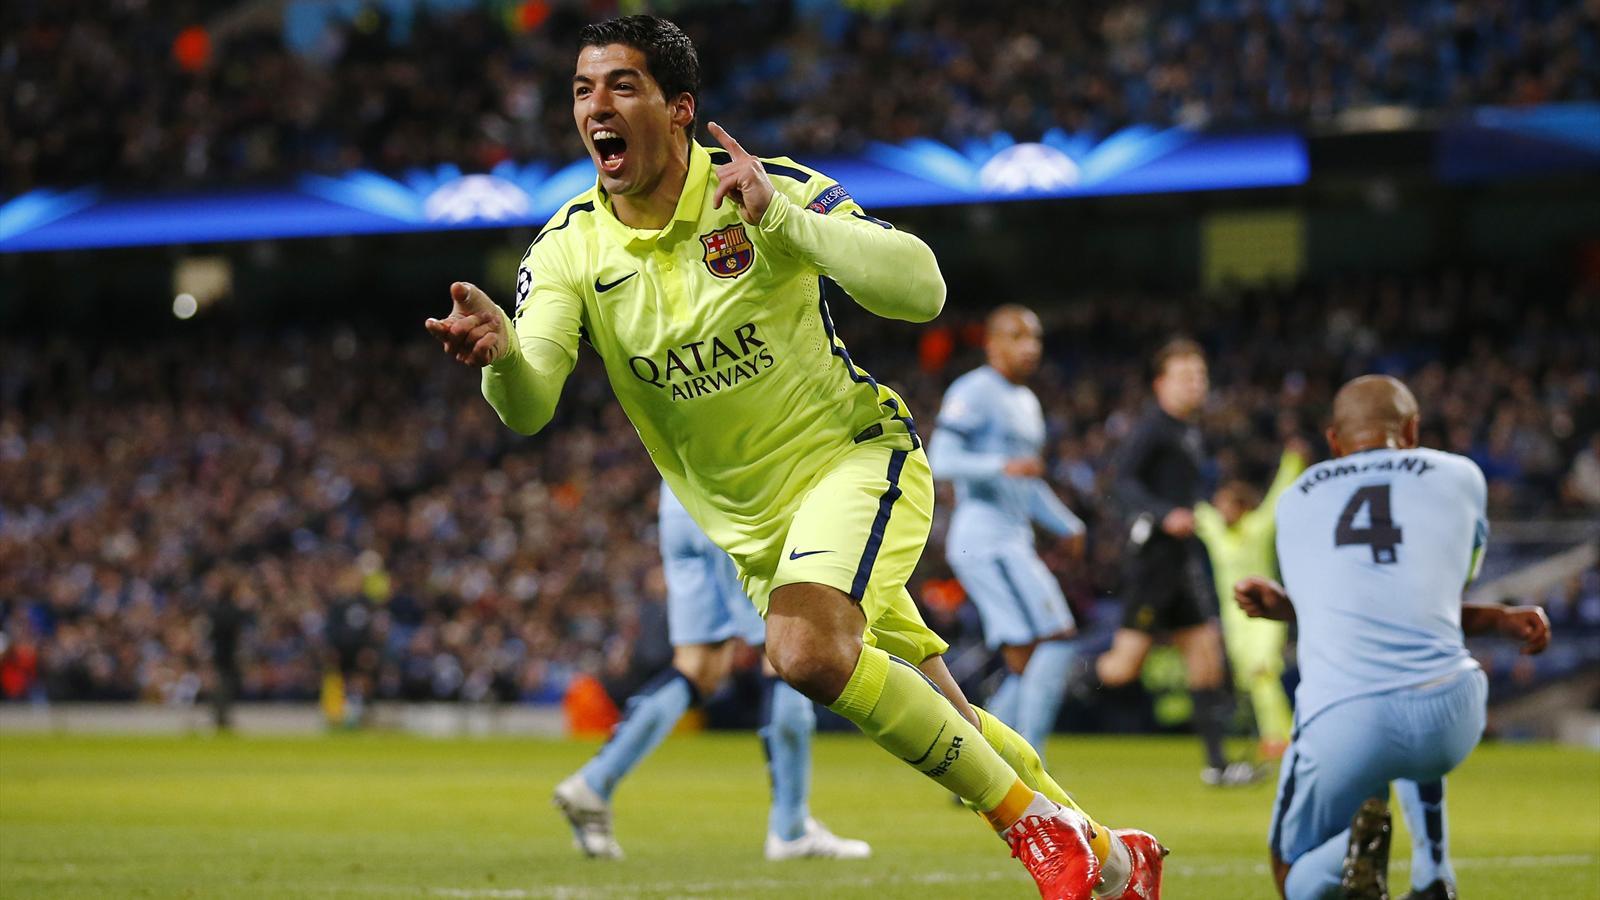 Transferts, Barça : 138 millions d'euros de City pour Luis Suarez ? Pourquoi c'est improbable